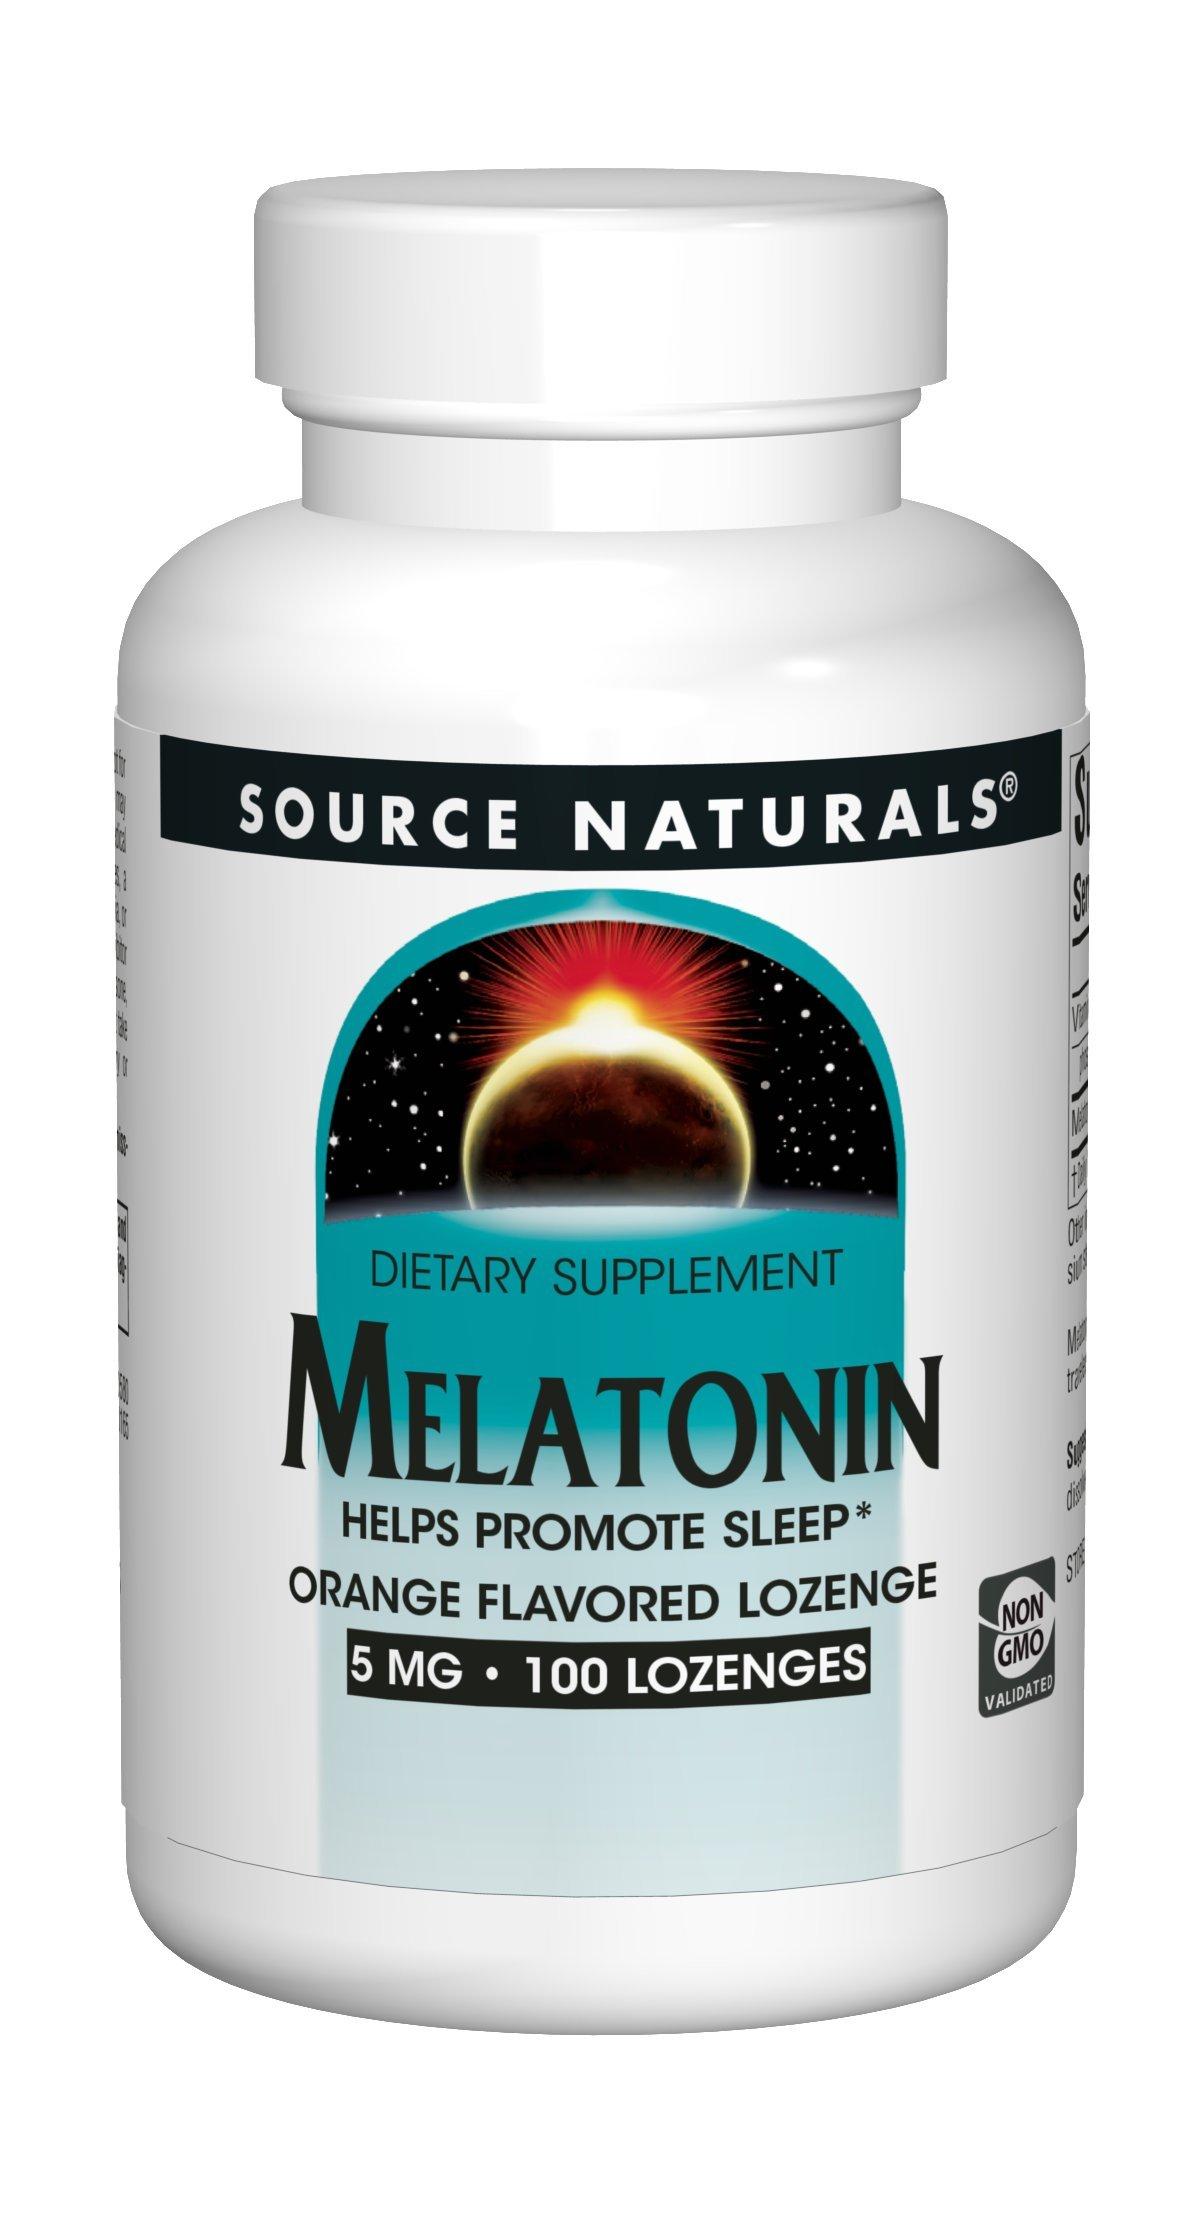 Source Naturals Sleep Science Melatonin Liquid Sleep Support - Orange Flavor - Fast-Acting - 100 Lozenges